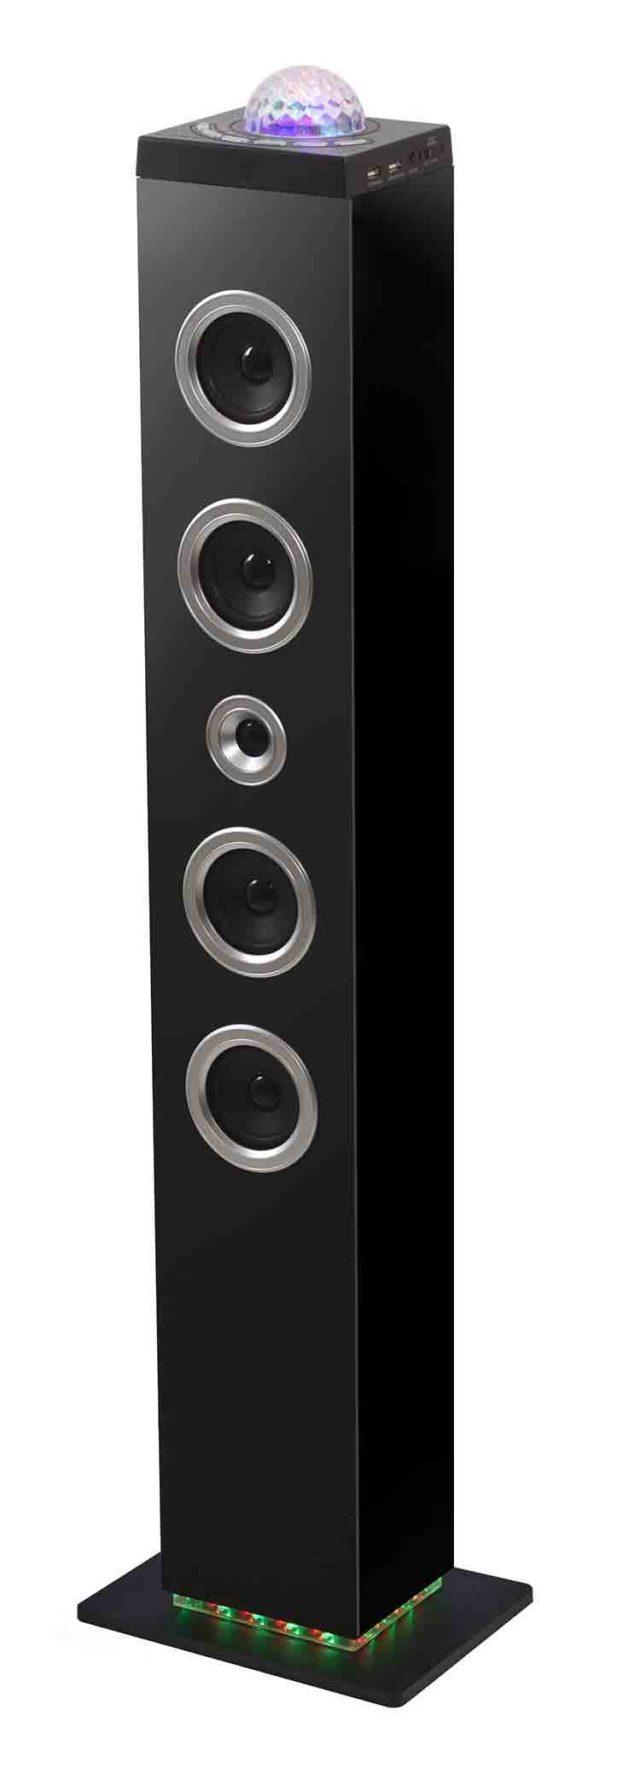 Torre multimedia con superficie de iluminación Bluetooth Bigben - Imagen del envoltorio